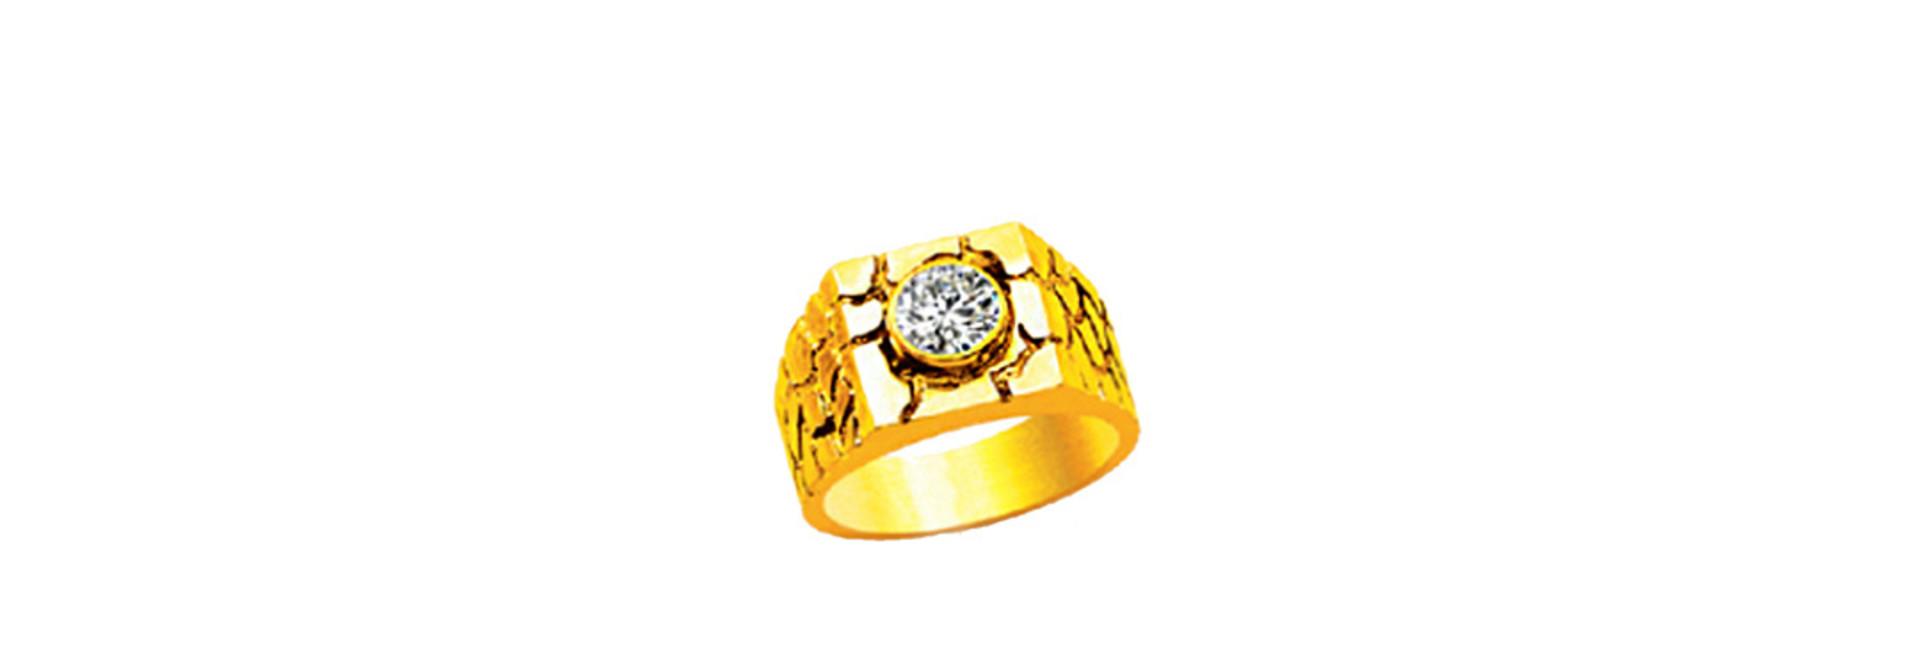 Piet piet zegelring ingelegd met diamant of zirkonia